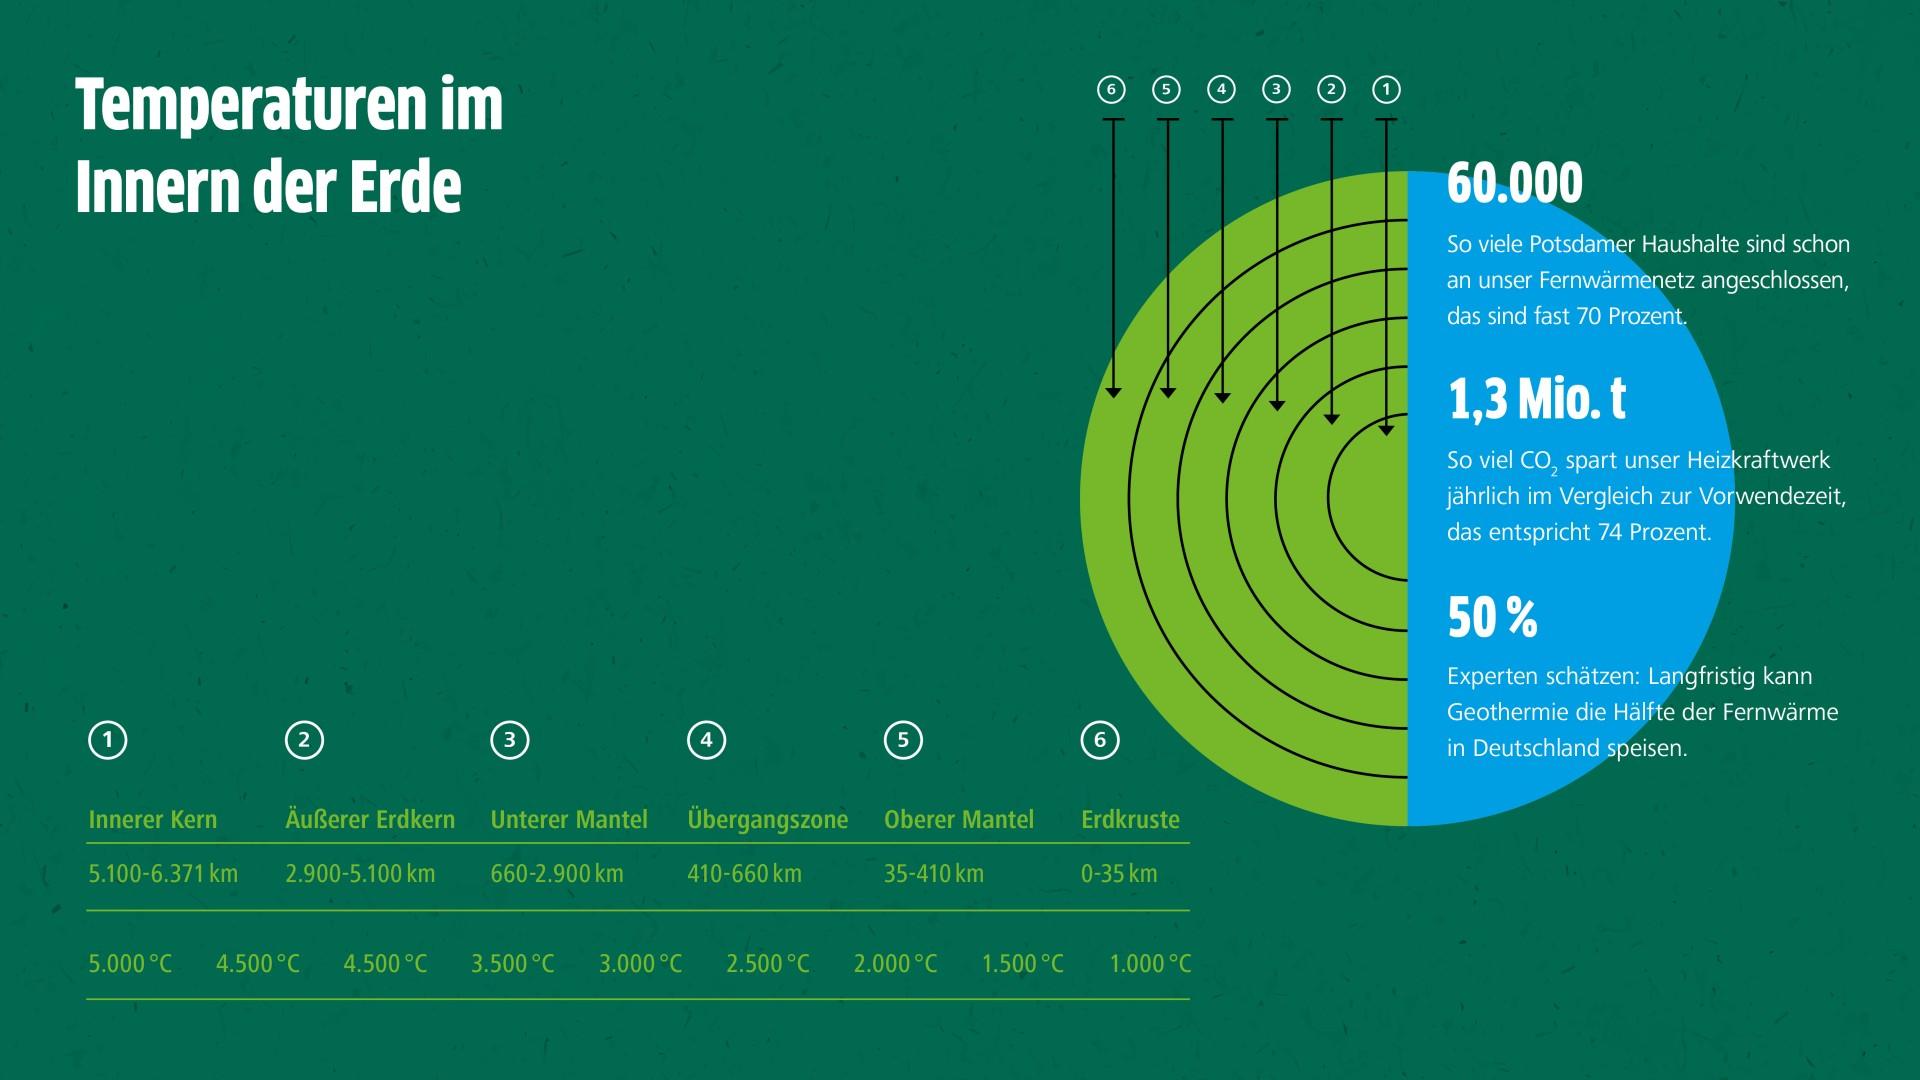 Schematische Darstellung Temperaturen im inneren der Erde